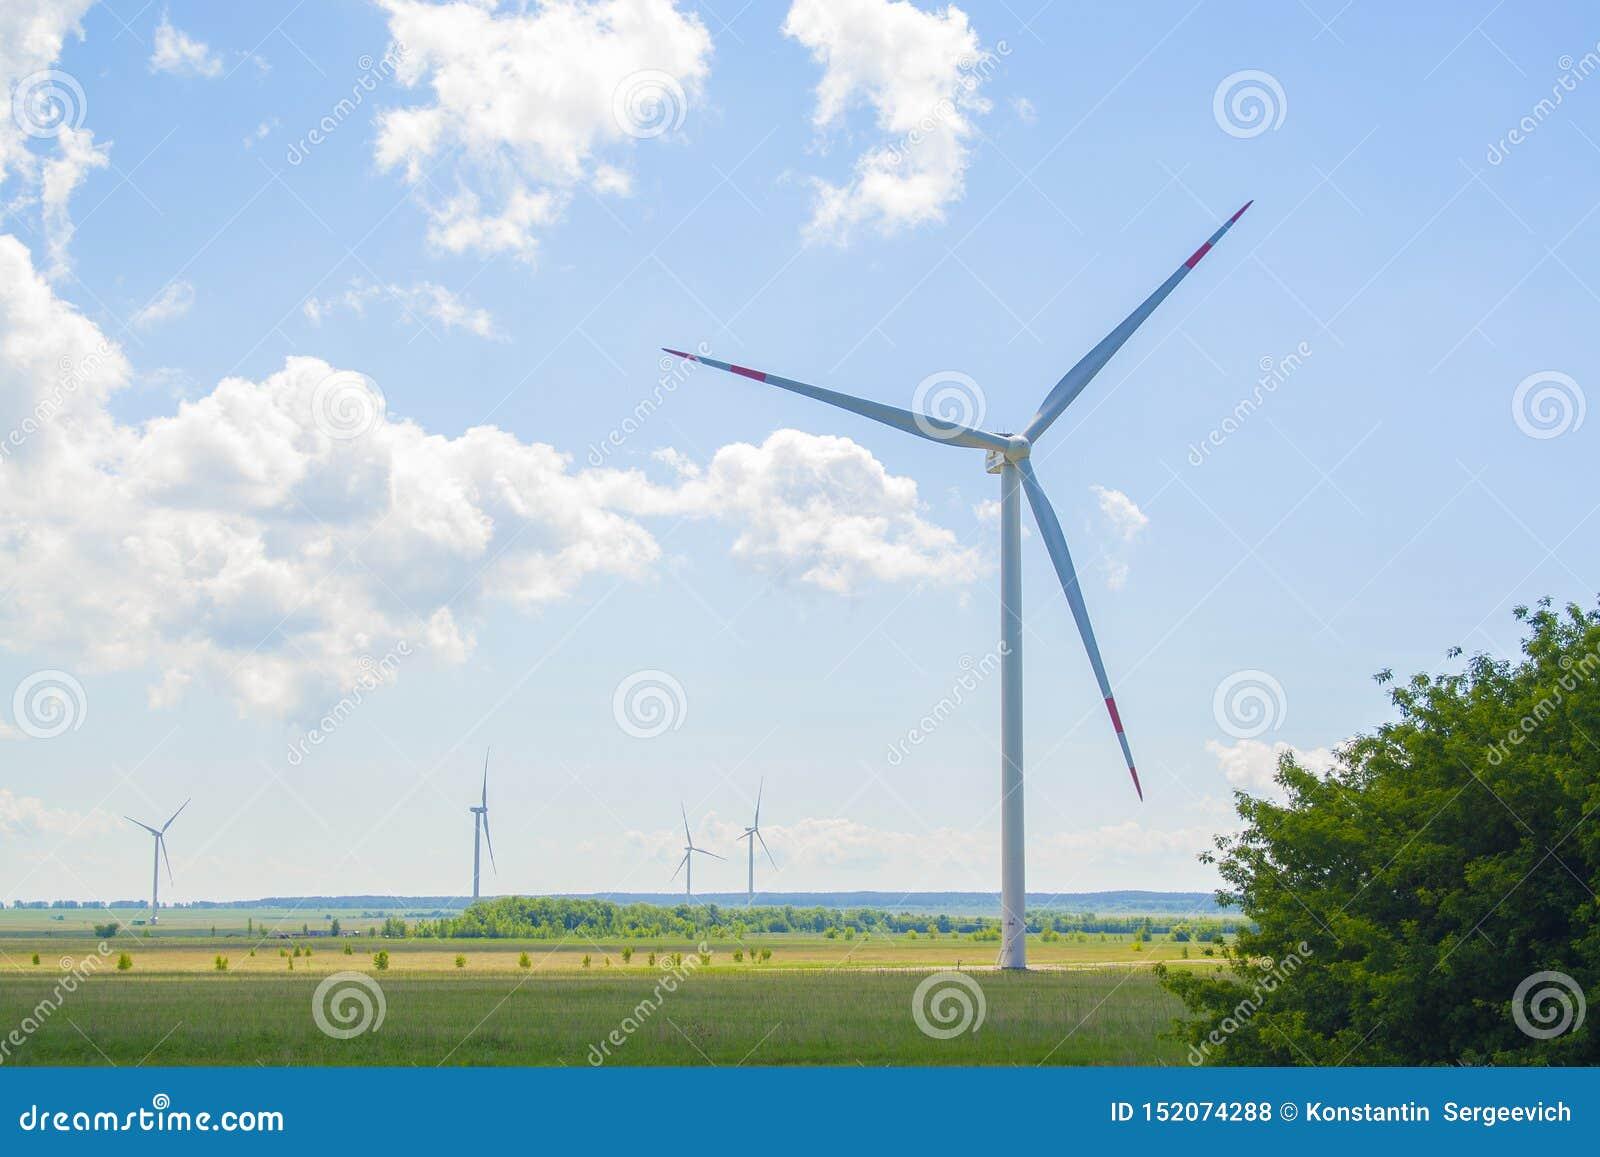 Beaucoup de grands et hauts moulins à vent au jour ensoleillé sur le champ vert Générateurs d énergie de substitution  Moulins ?